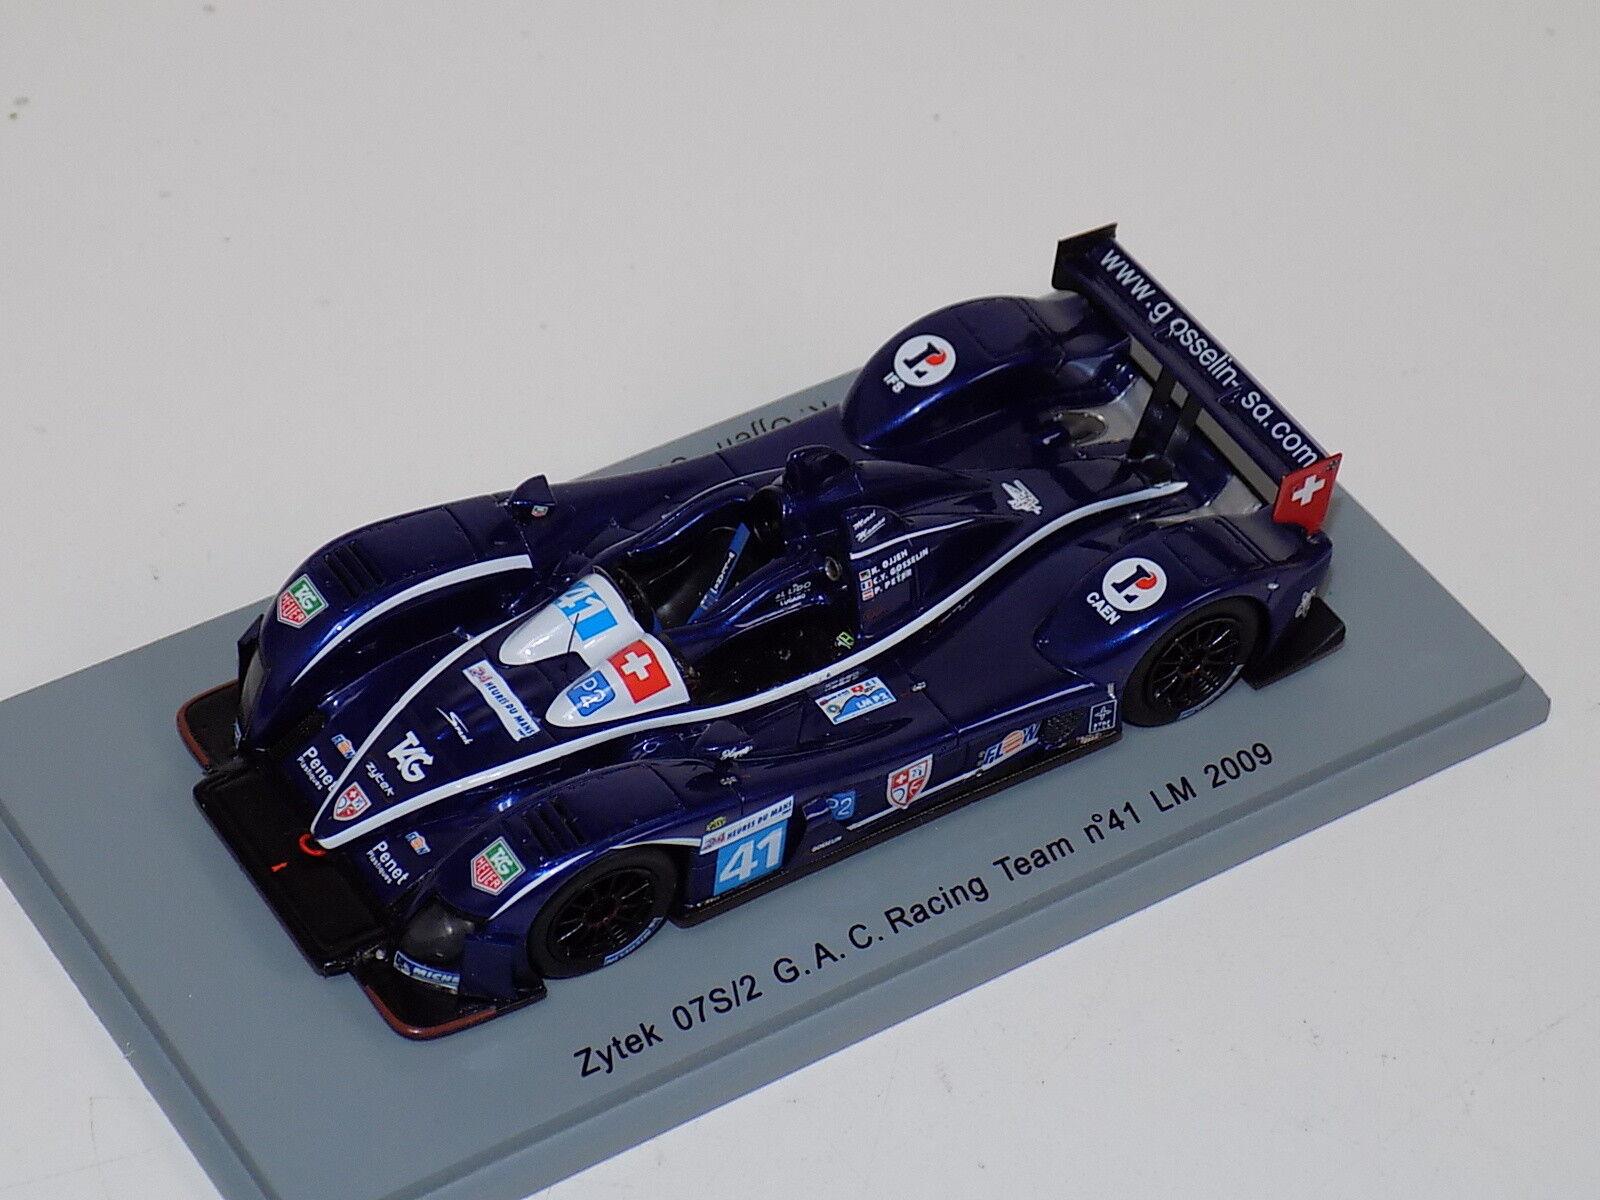 1/43 Spark Zytek 07 S/2 Car  41 24 Hours of LeMans  2009  S1525